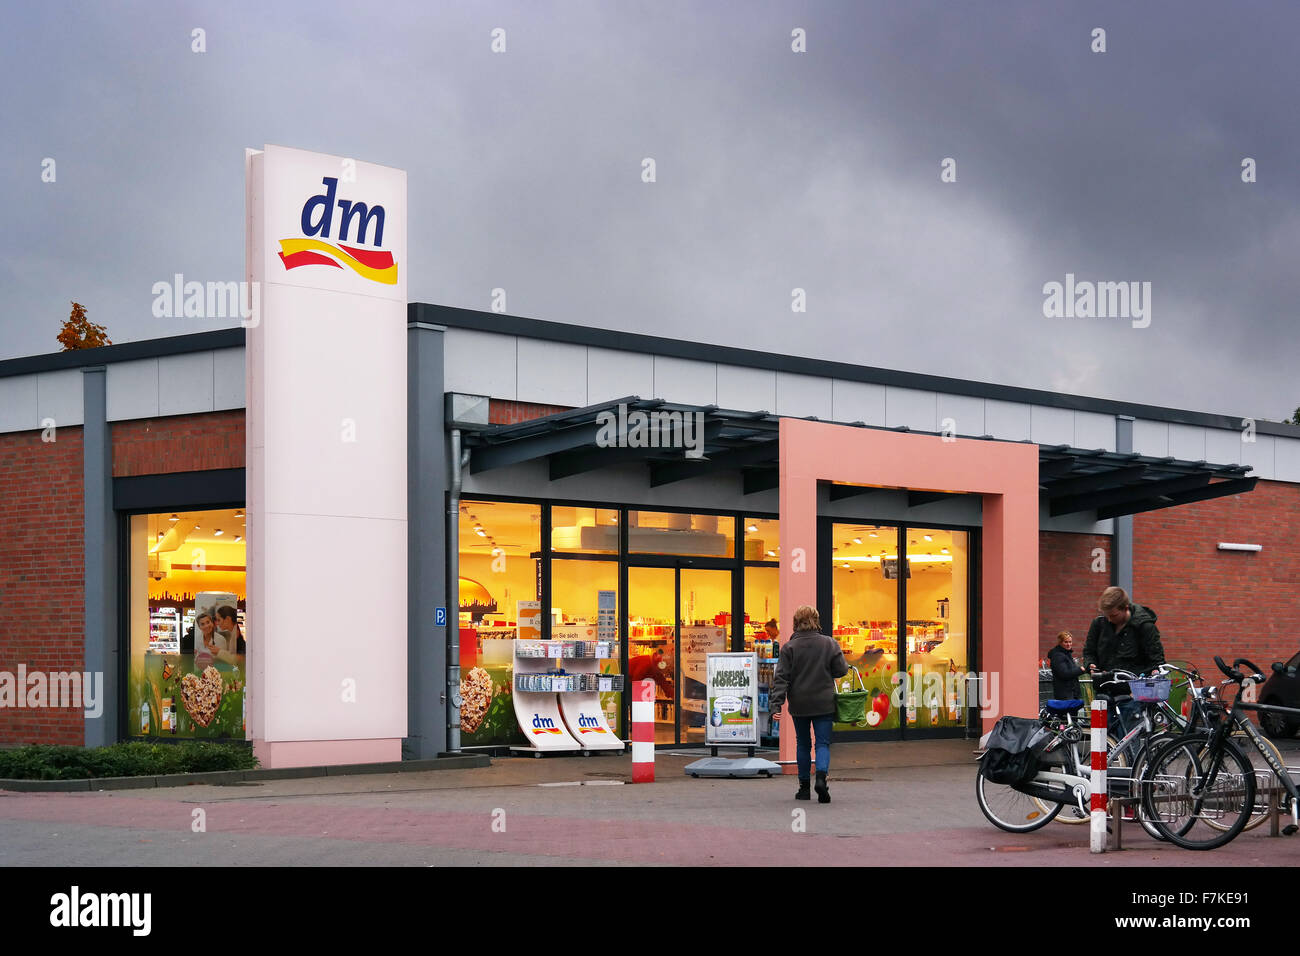 Dm-Drogerie Markt store Banque D Images, Photo Stock  90782749 - Alamy 9a1bd76d32f6